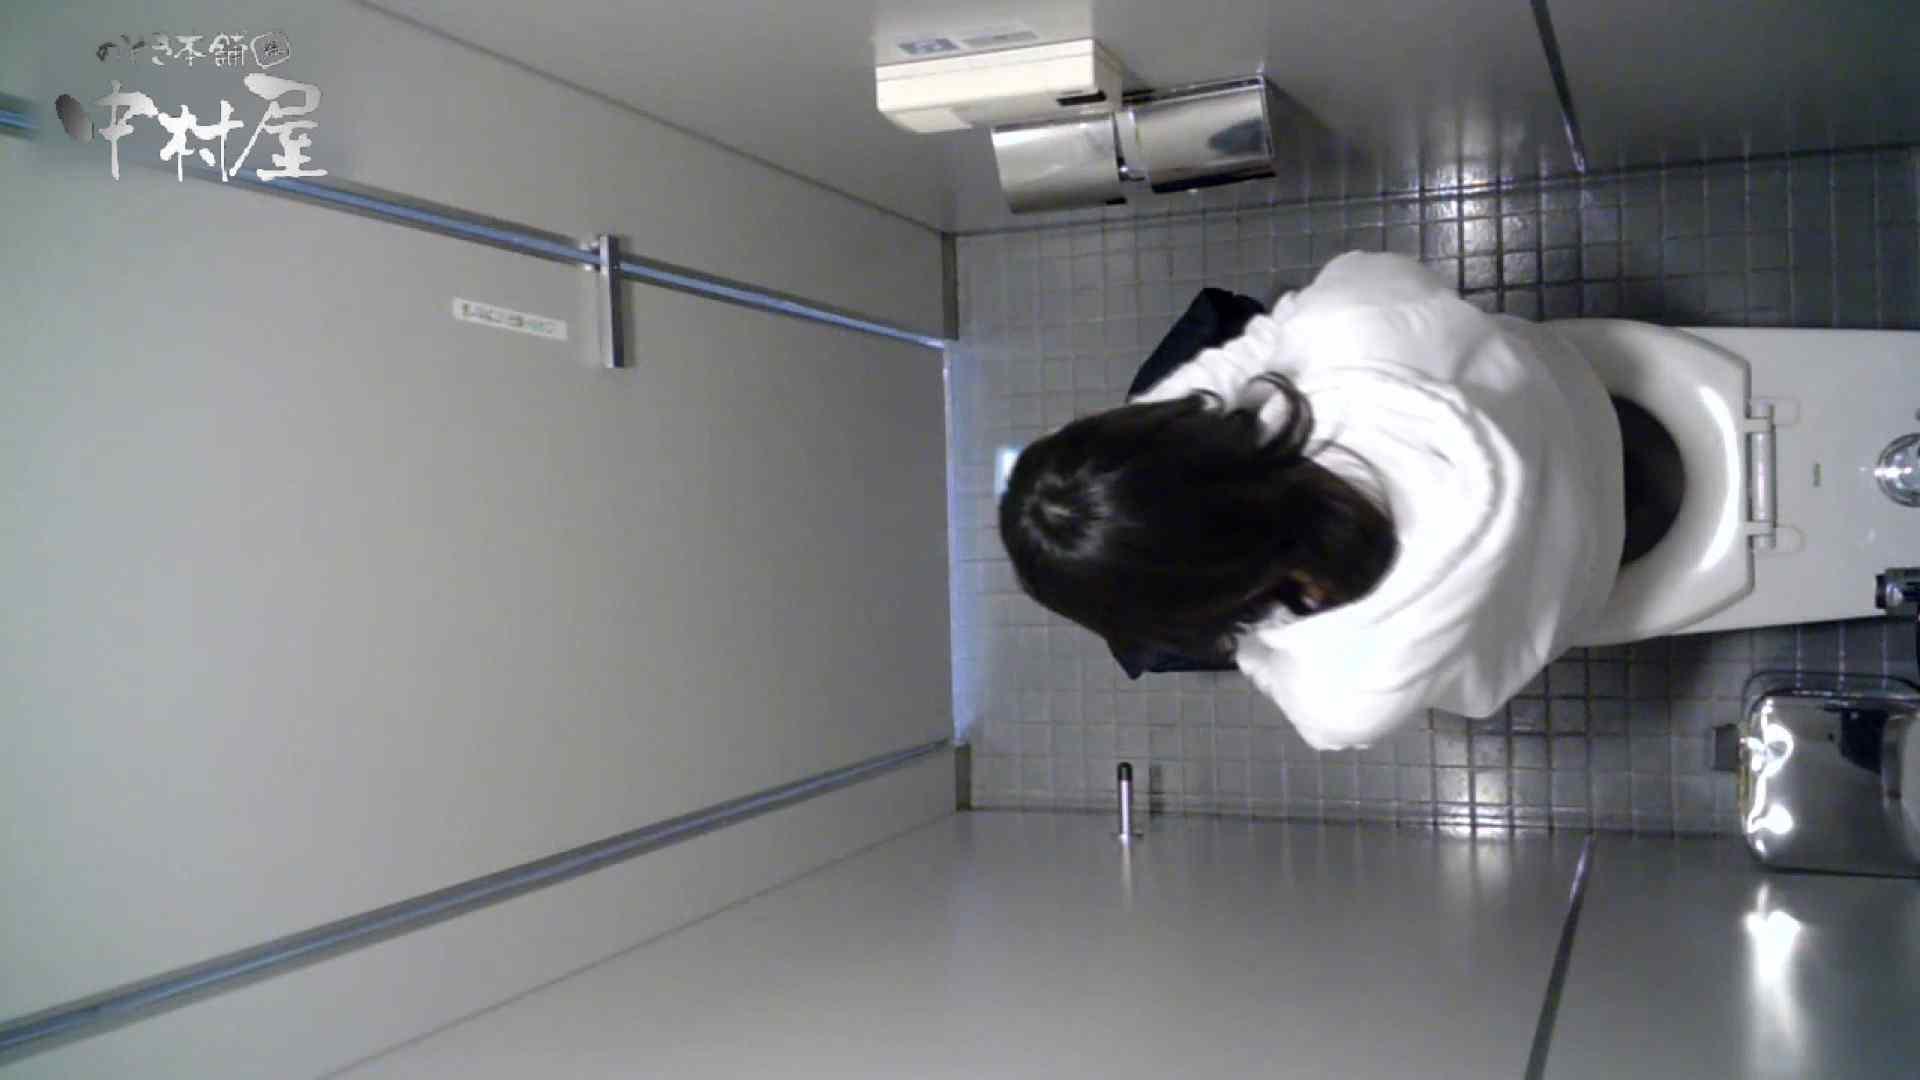 有名大学女性洗面所 vol.58 アンダーヘアーも冬支度? 潜入 | 投稿  91画像 91